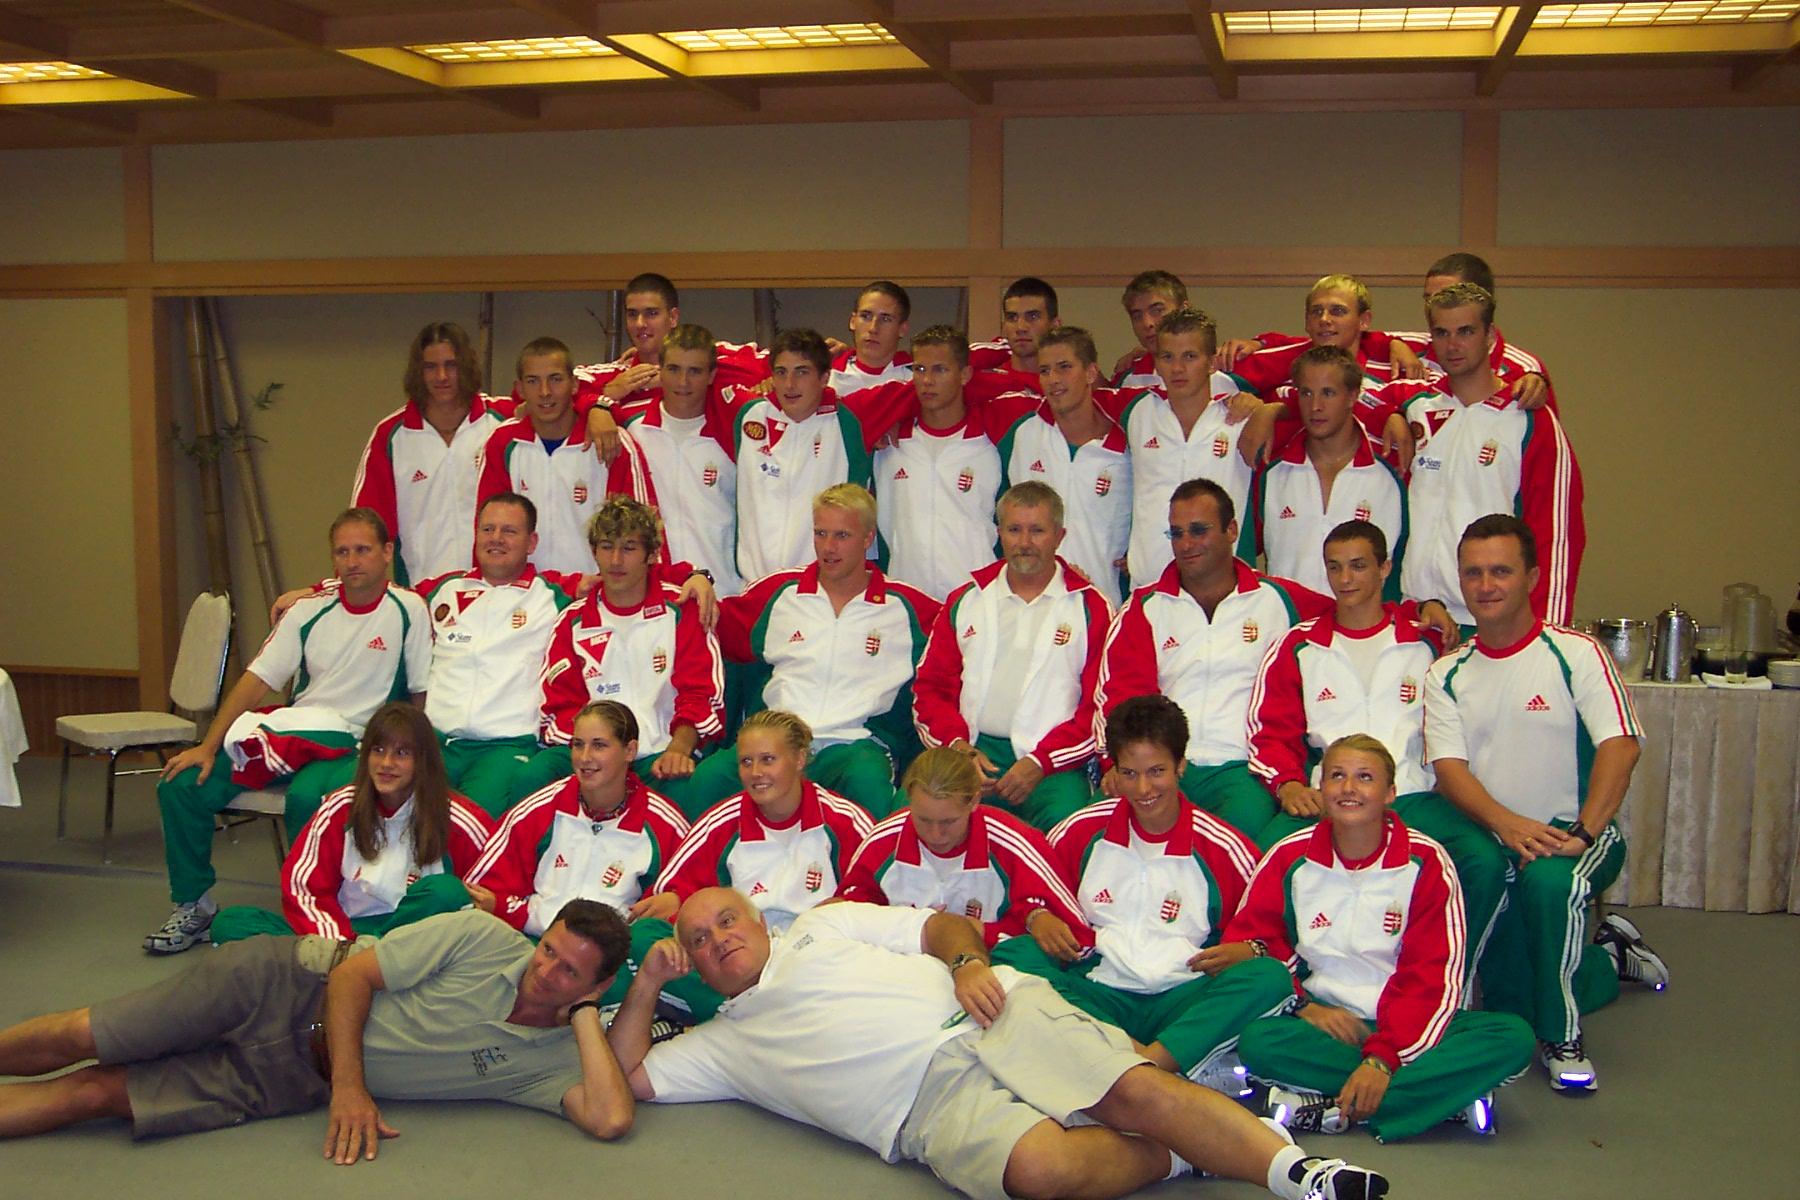 2003-as Ifi VB csapat Japánban